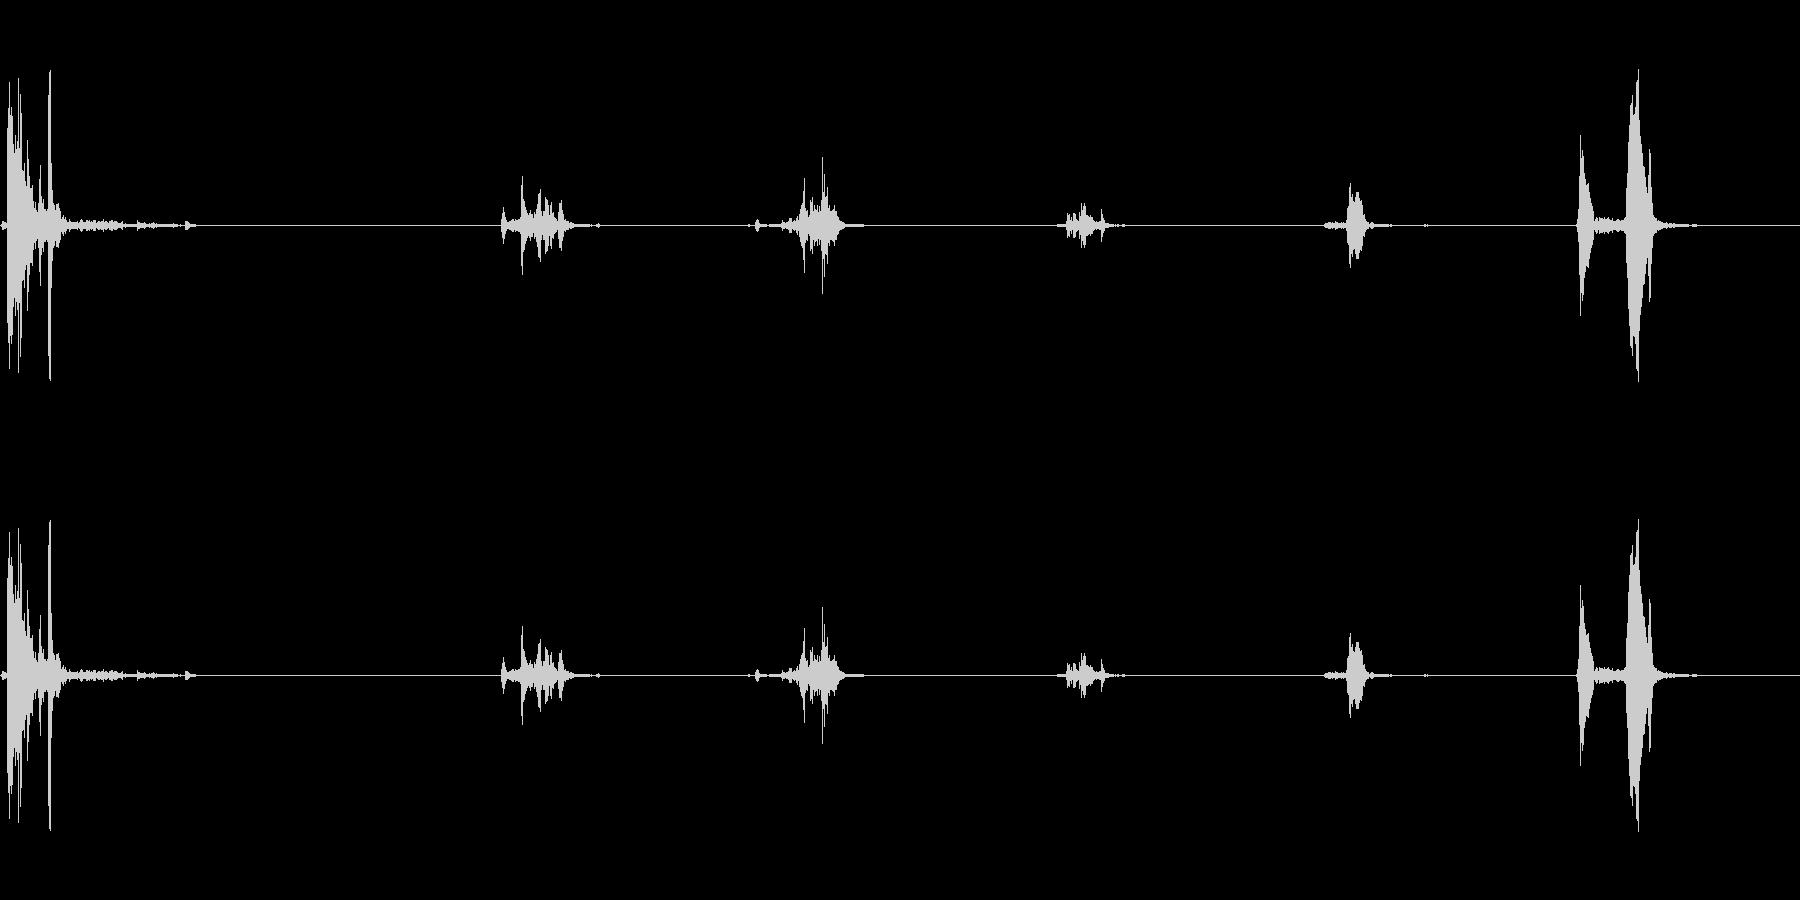 キュッキュッ(小さめの水筒を閉める音)1の未再生の波形